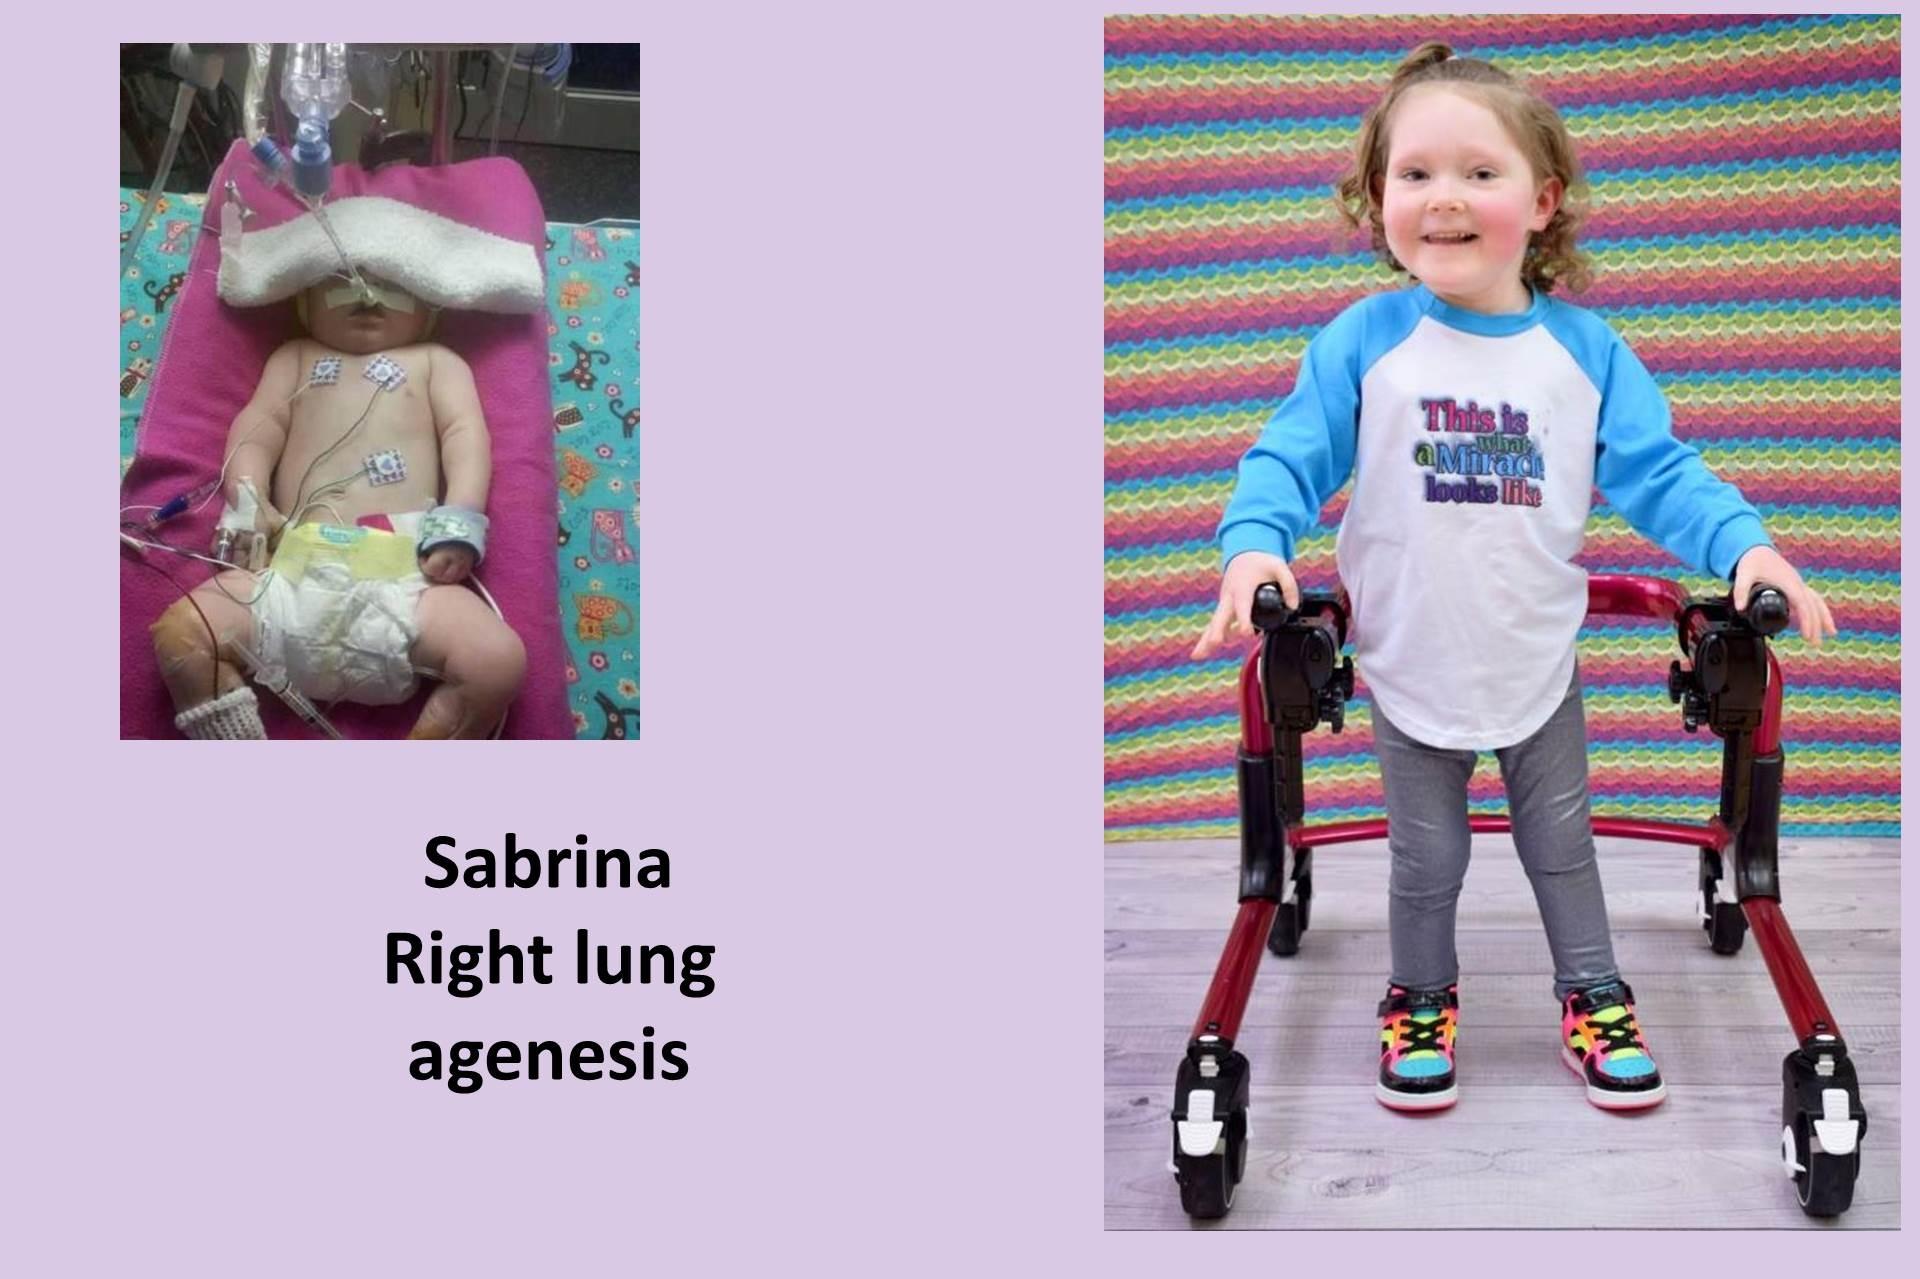 Hallway of Hope: Sabrina